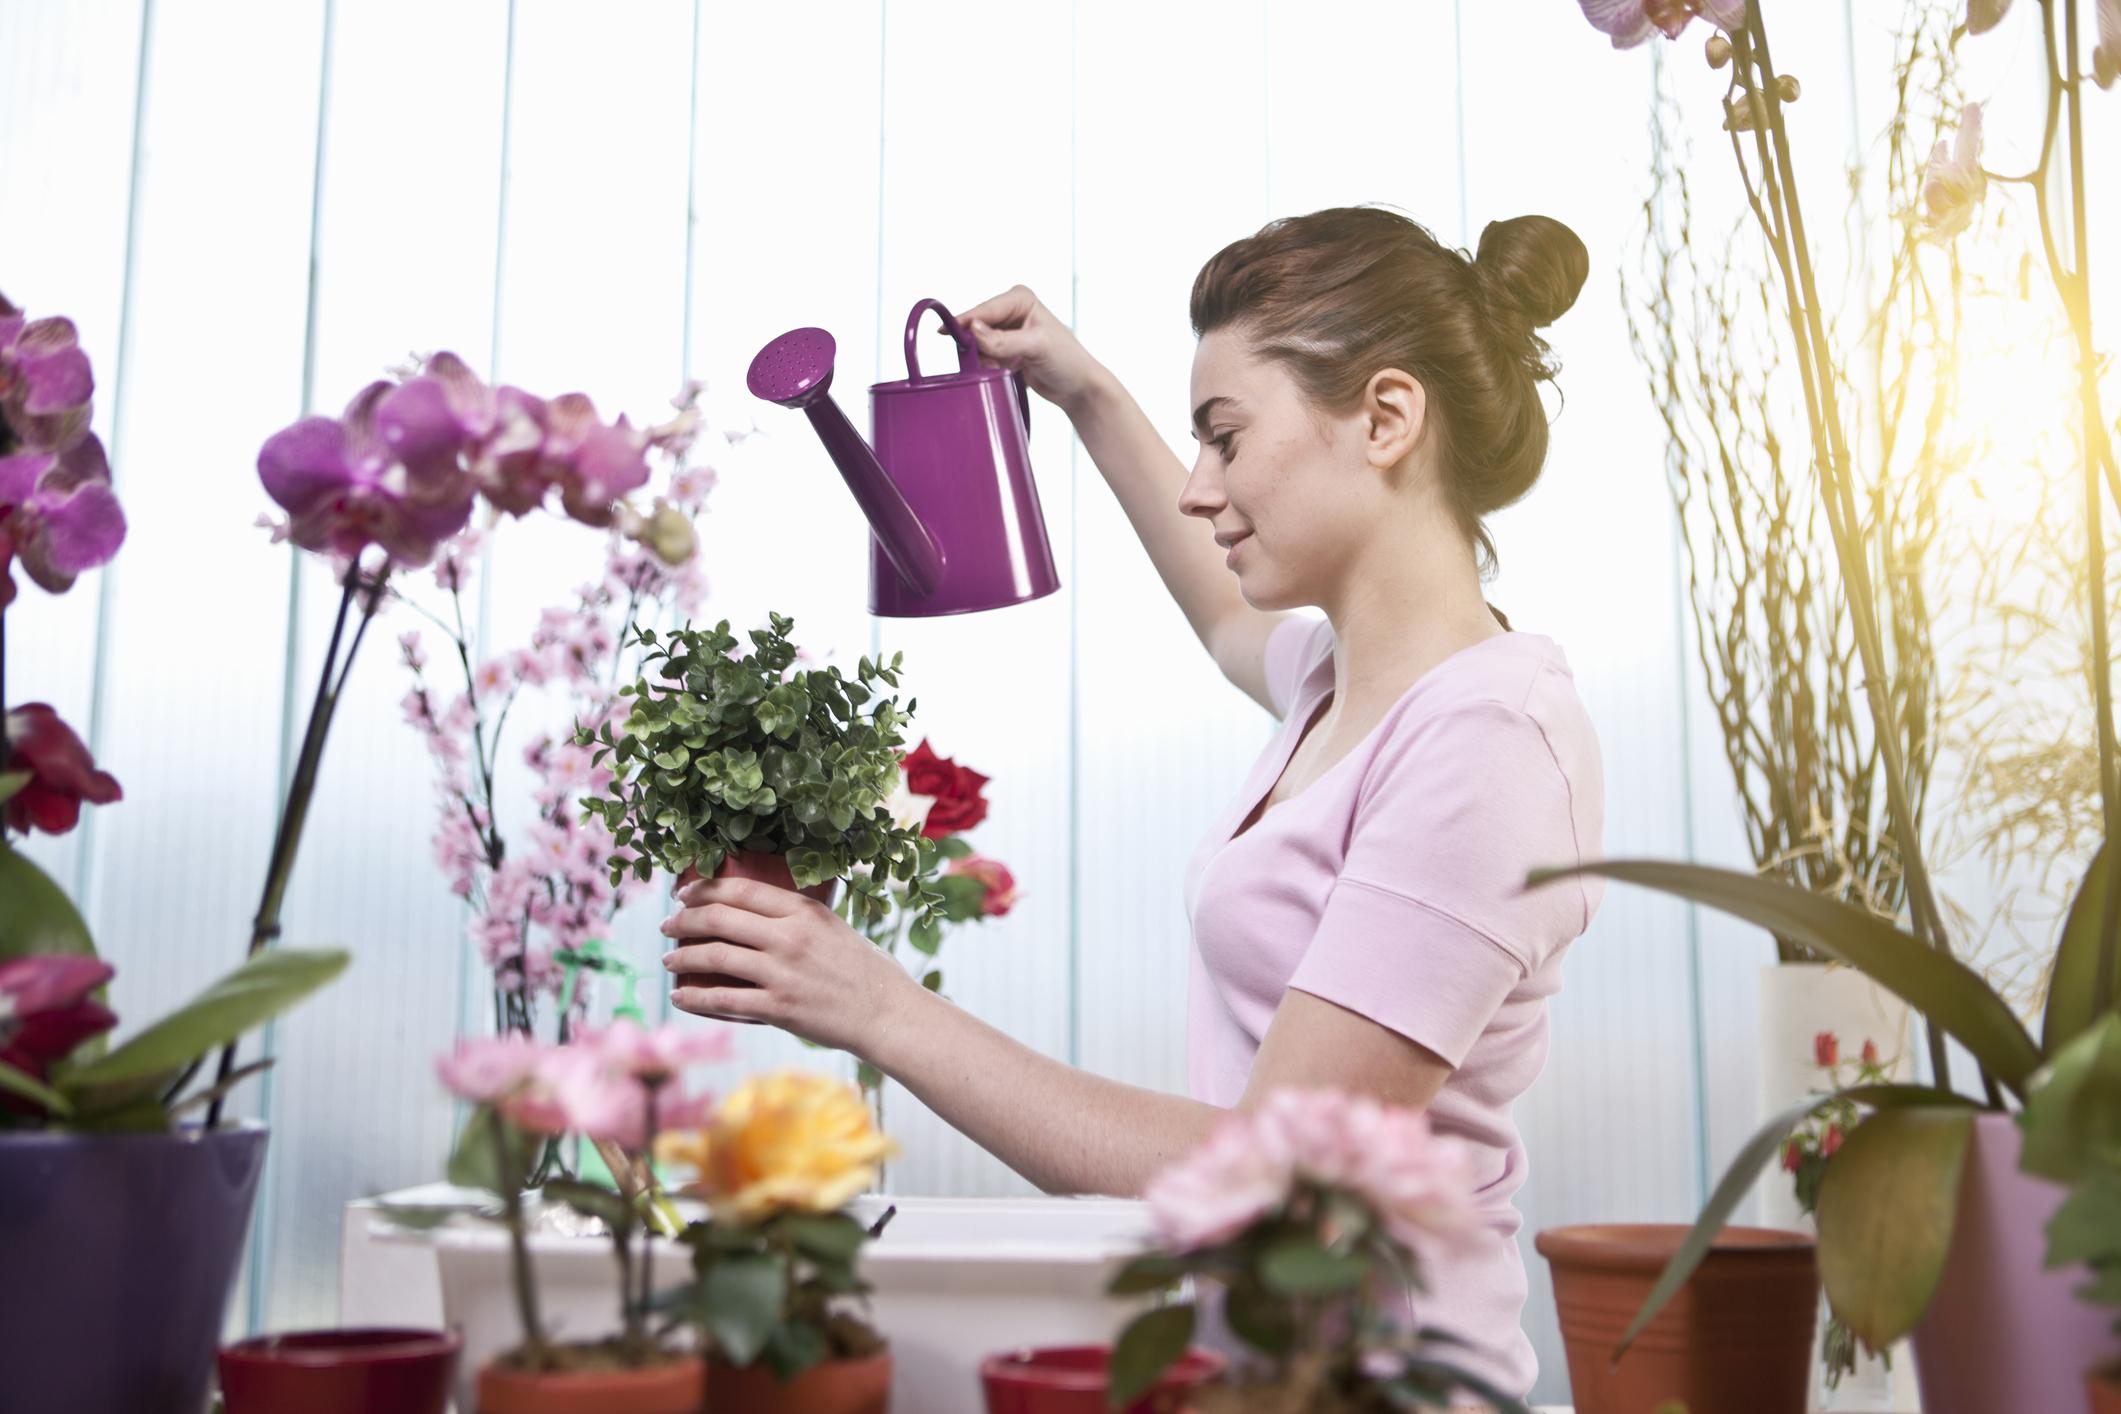 Приметы: 5 комнатных цветов расскажут о вашем будущем